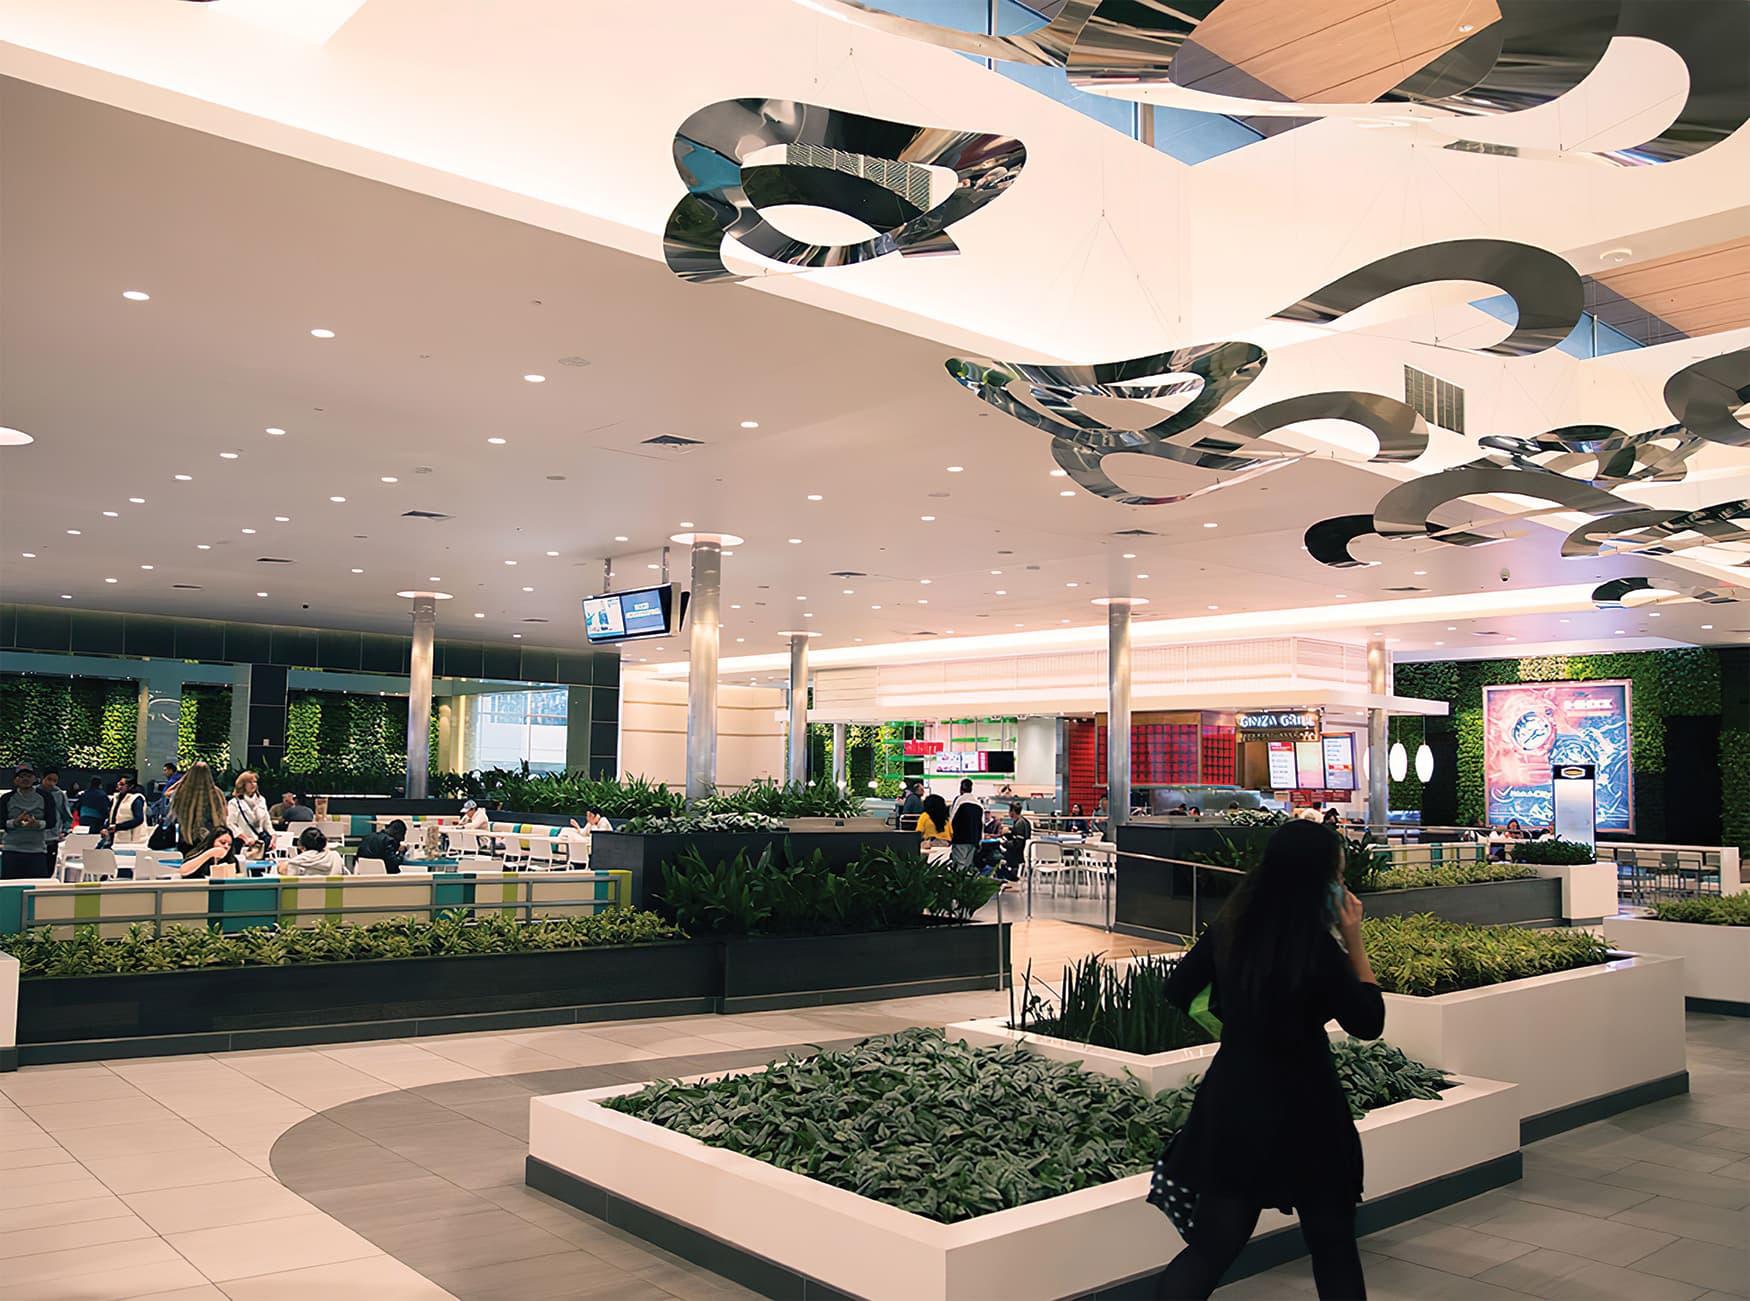 Del Amo Fashion Center located in Torrance, California. Environmental and Architectural graphic design.